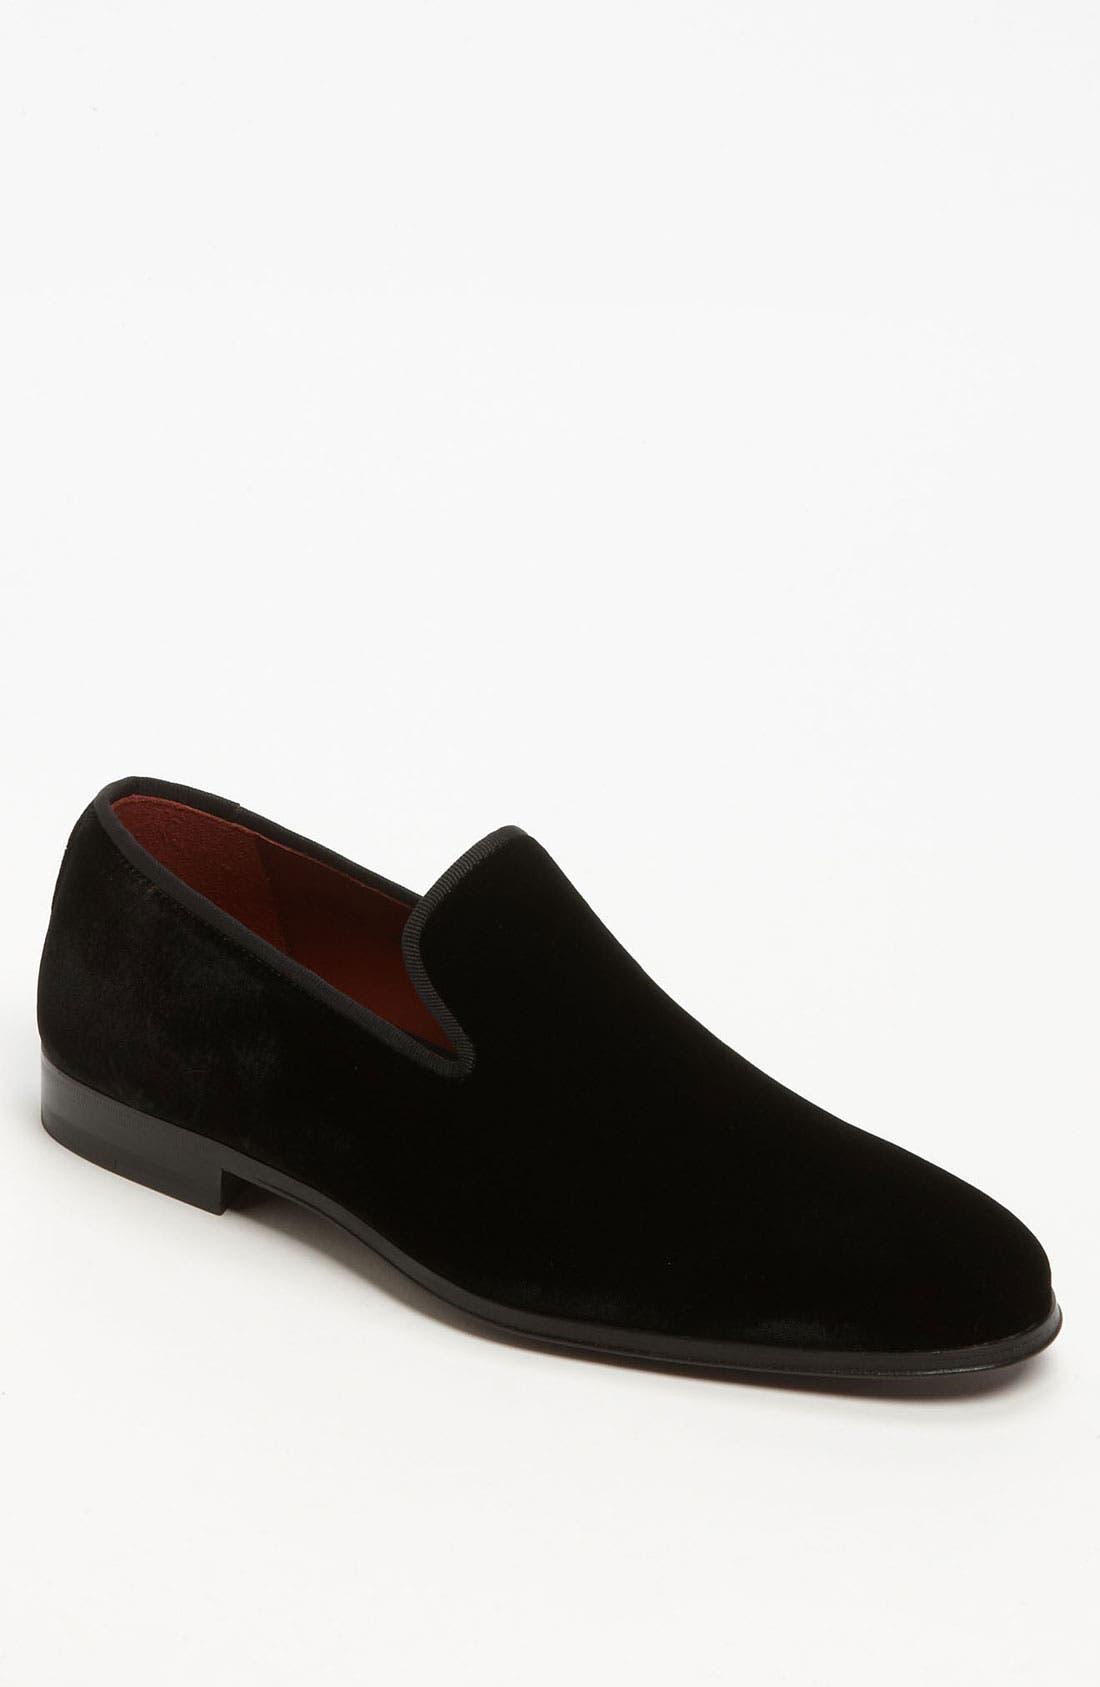 MAGNANNI, 'Dorio' Velvet Venetian Loafer, Main thumbnail 1, color, BLACK